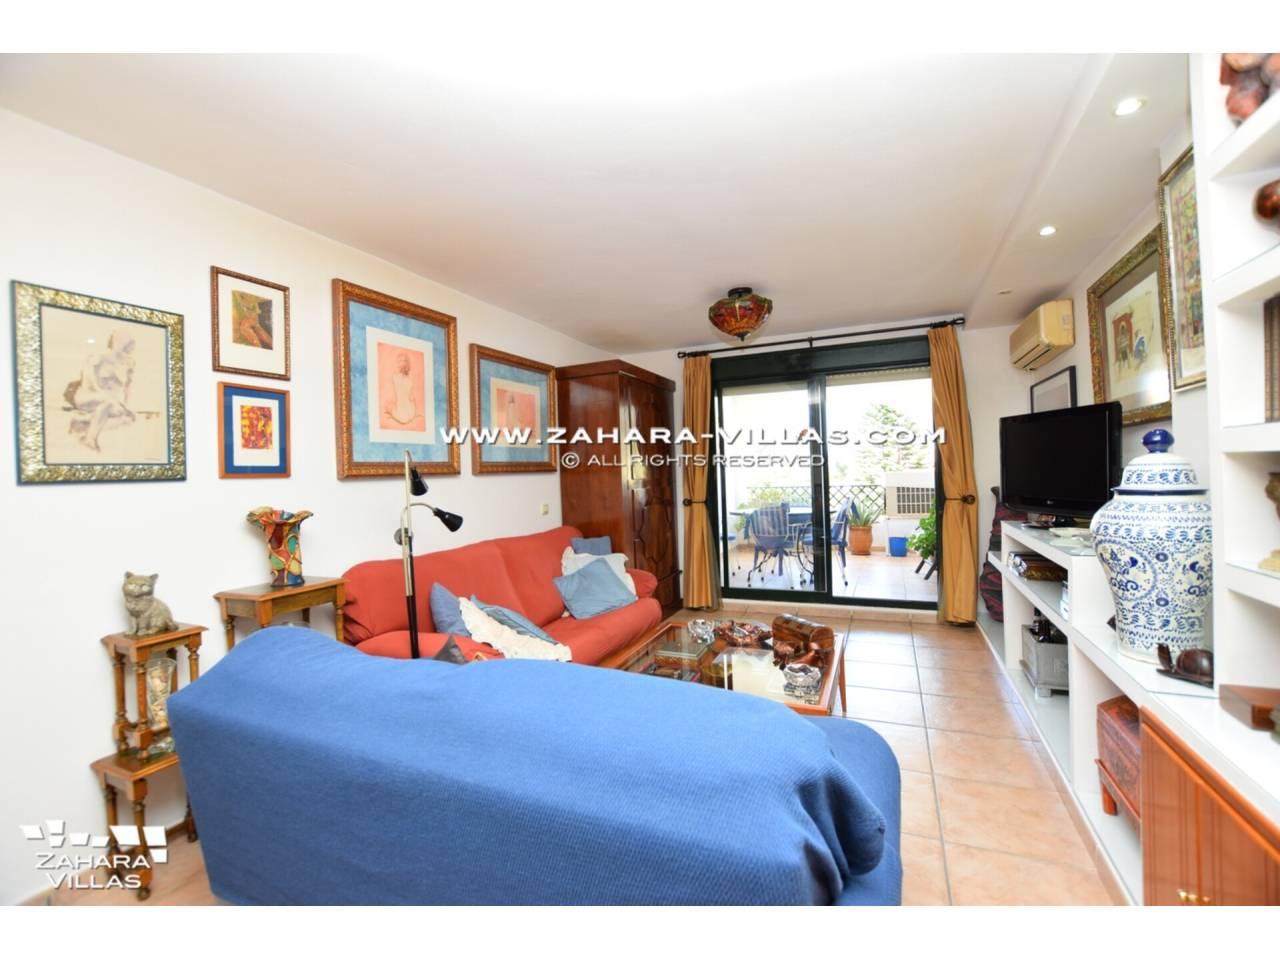 Imagen 4 de Apartamento en venta en urbanización Jardines de Zahara - Atlanterra